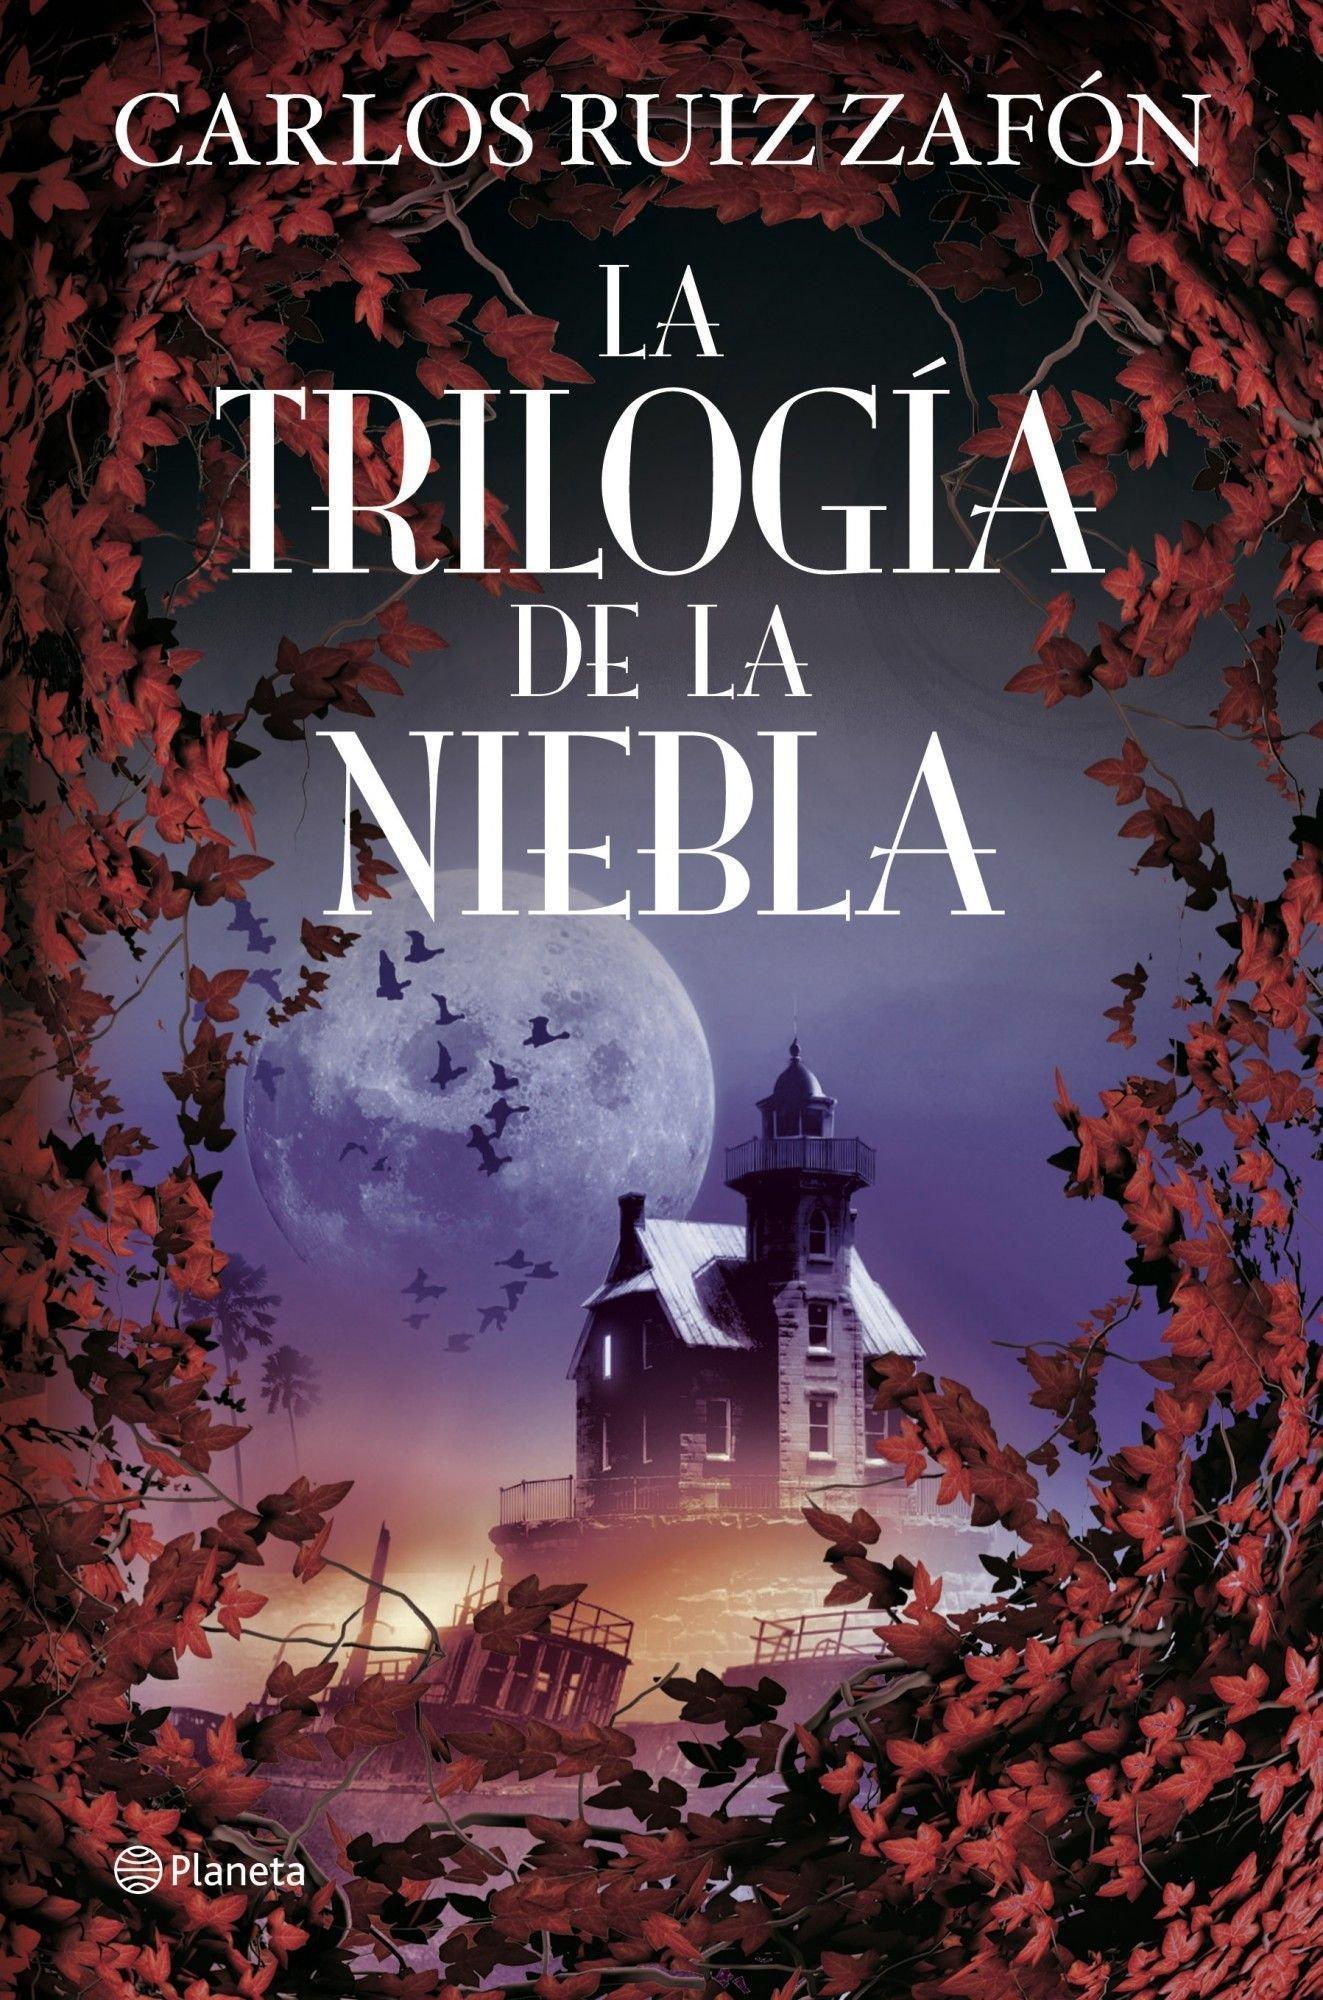 La Trilogía De La Niebla Autores Españoles E Iberoamericanos Spanish Edition Ruiz Zafón Carlos 9788408107095 Books